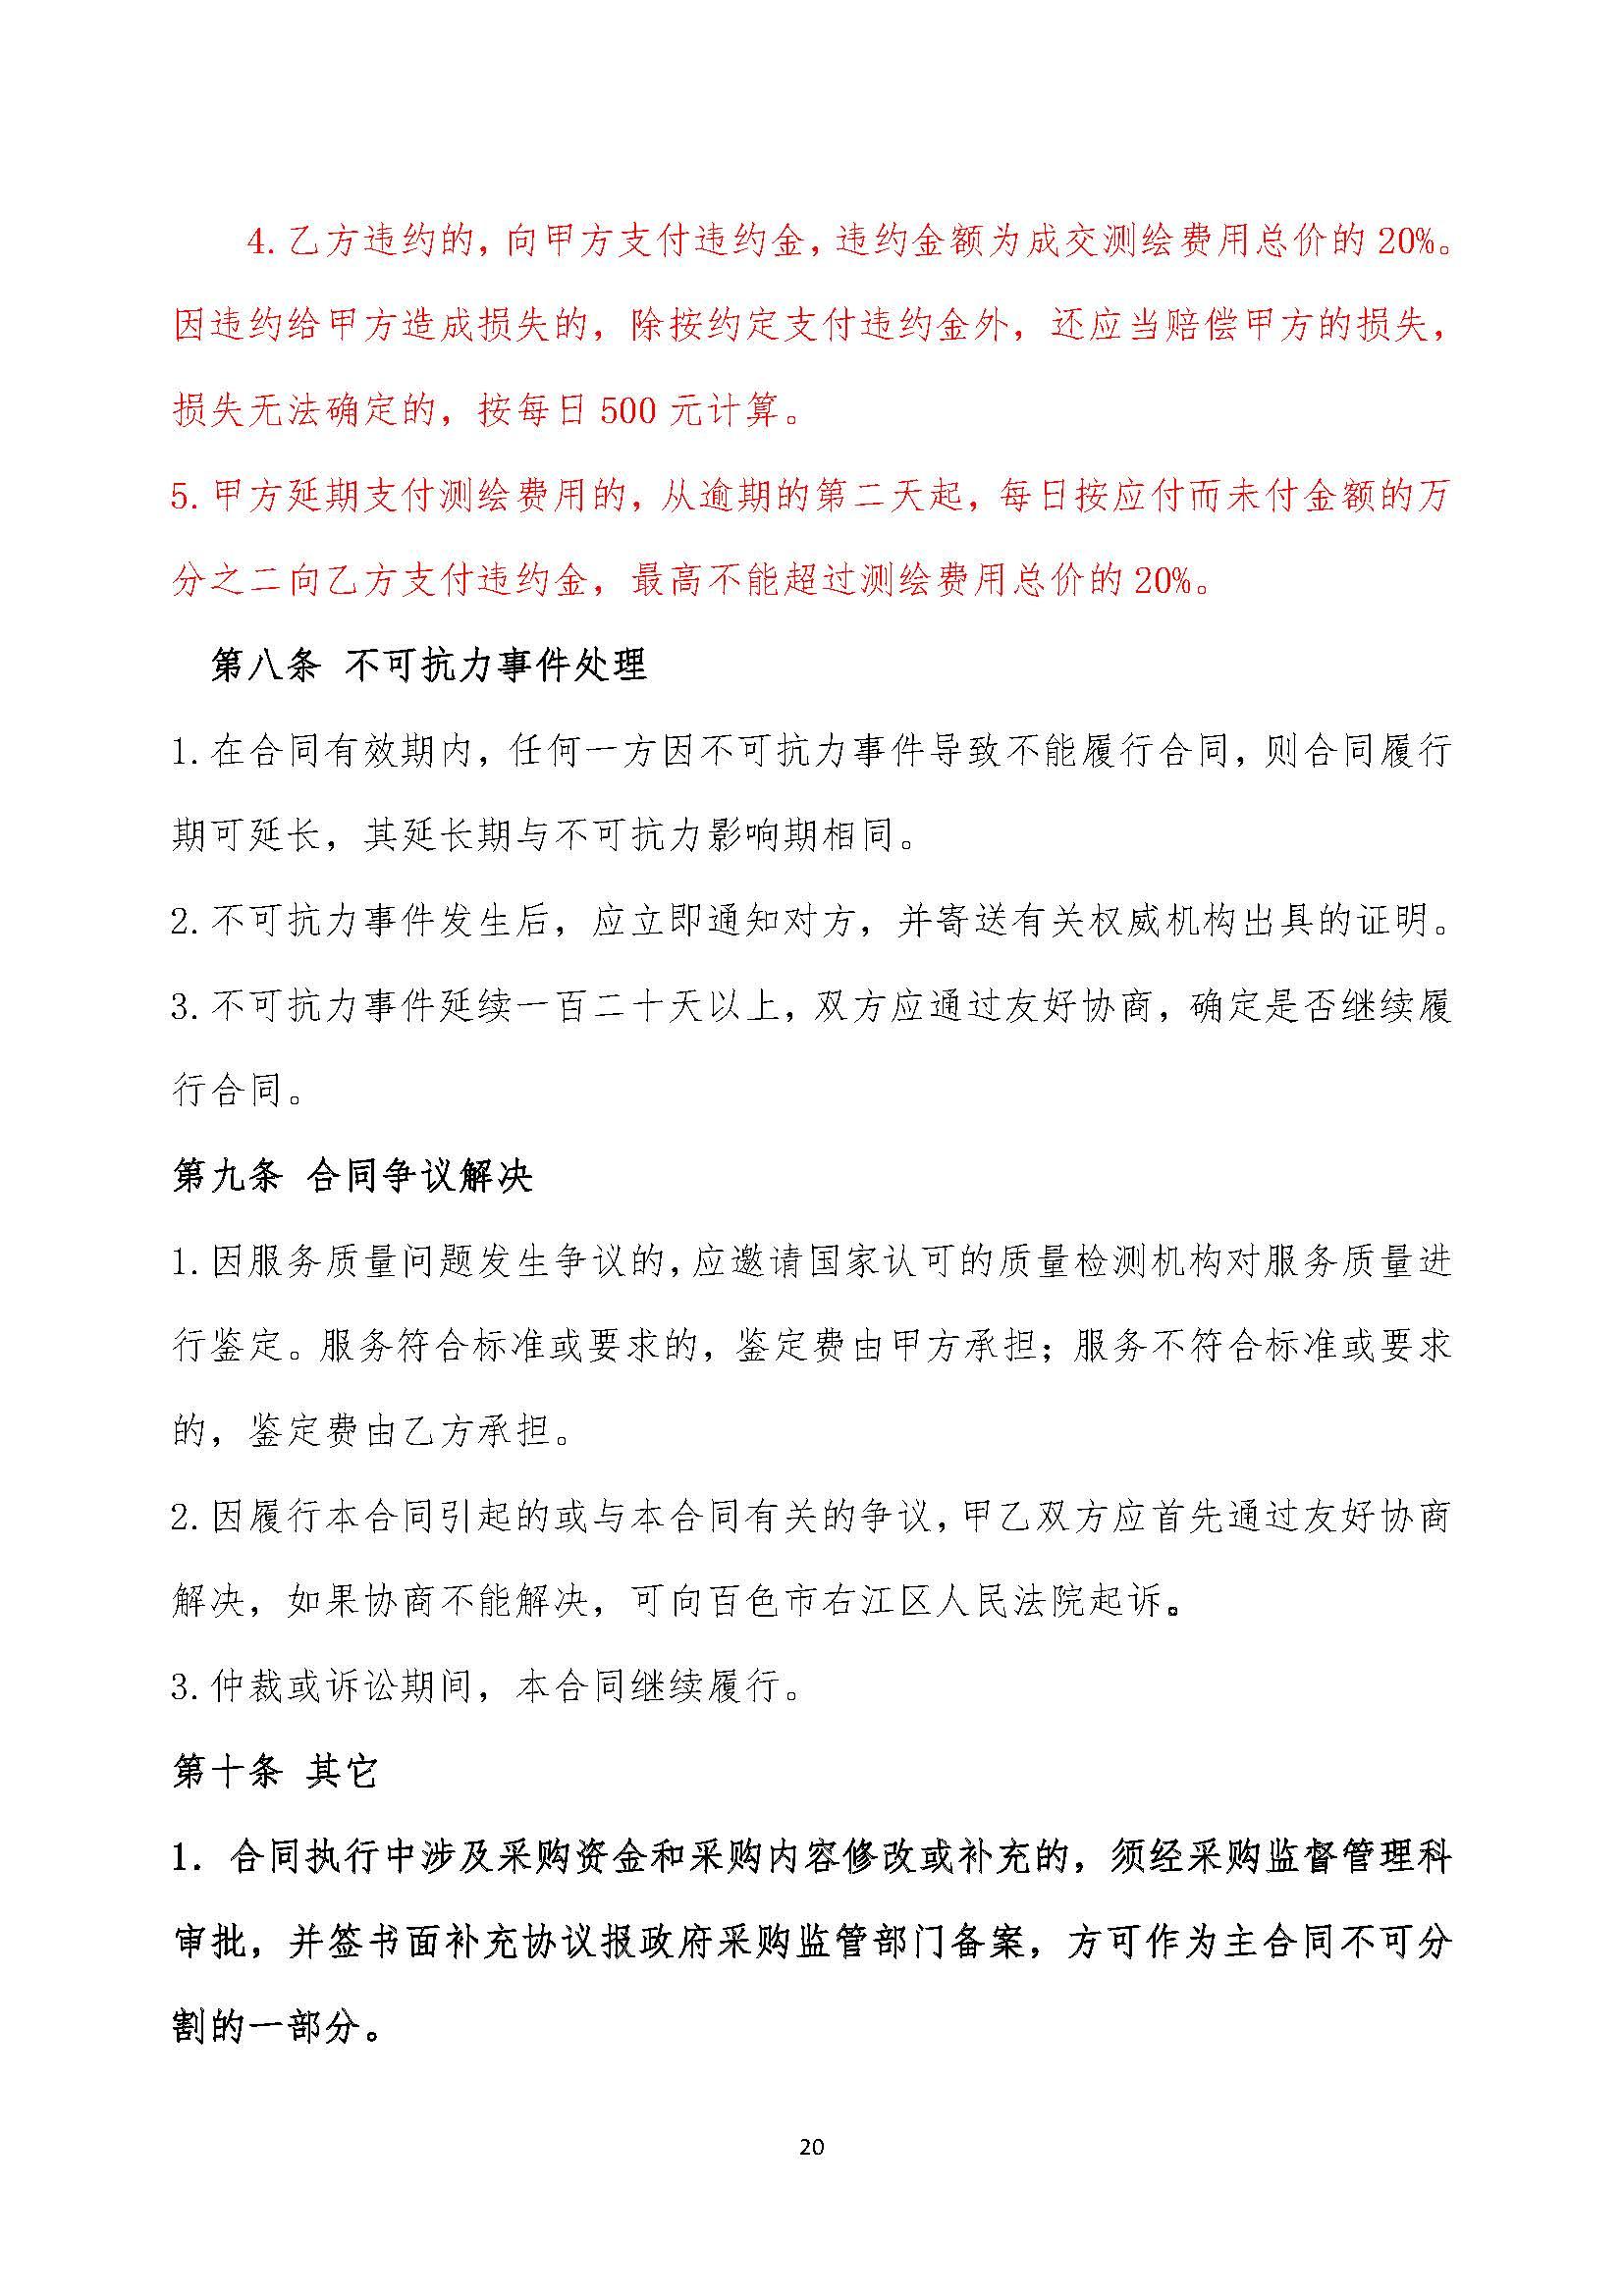 (确定)安徽快三基本走势图市政环卫园林绿化企业一体化面积测绘服务采购 竞争性谈判采购文件20200610(2)_页面_24.jpg